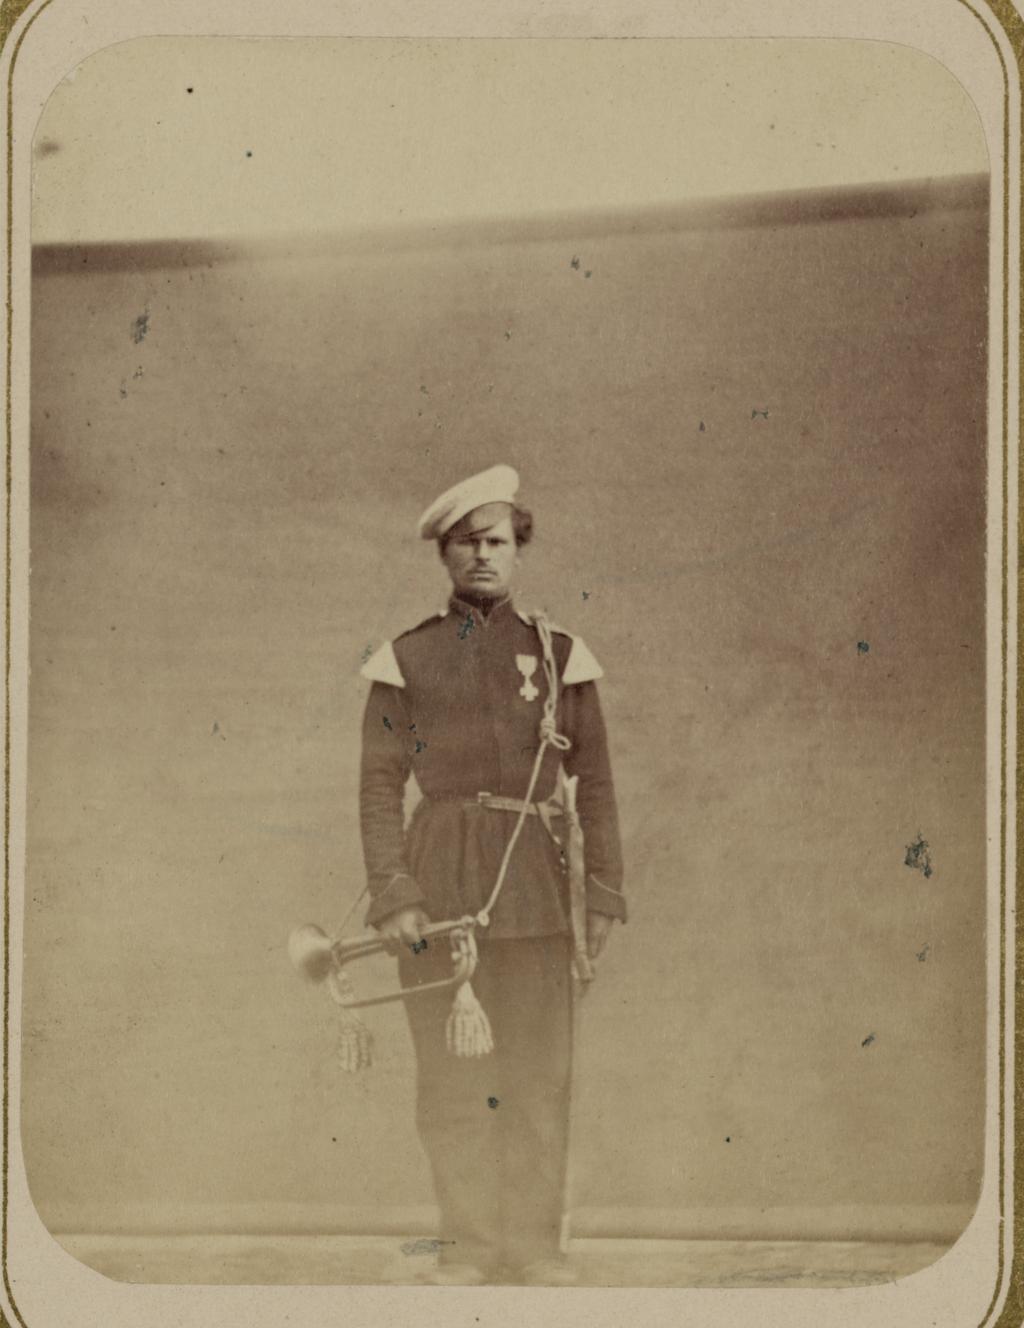 Георгиевские кавалеры, имеющие знаки отличия военного ордена. За взятие укрепления Джизак 18 октября 1866 г. Горнист Константинов, Оренбургское казачье войско